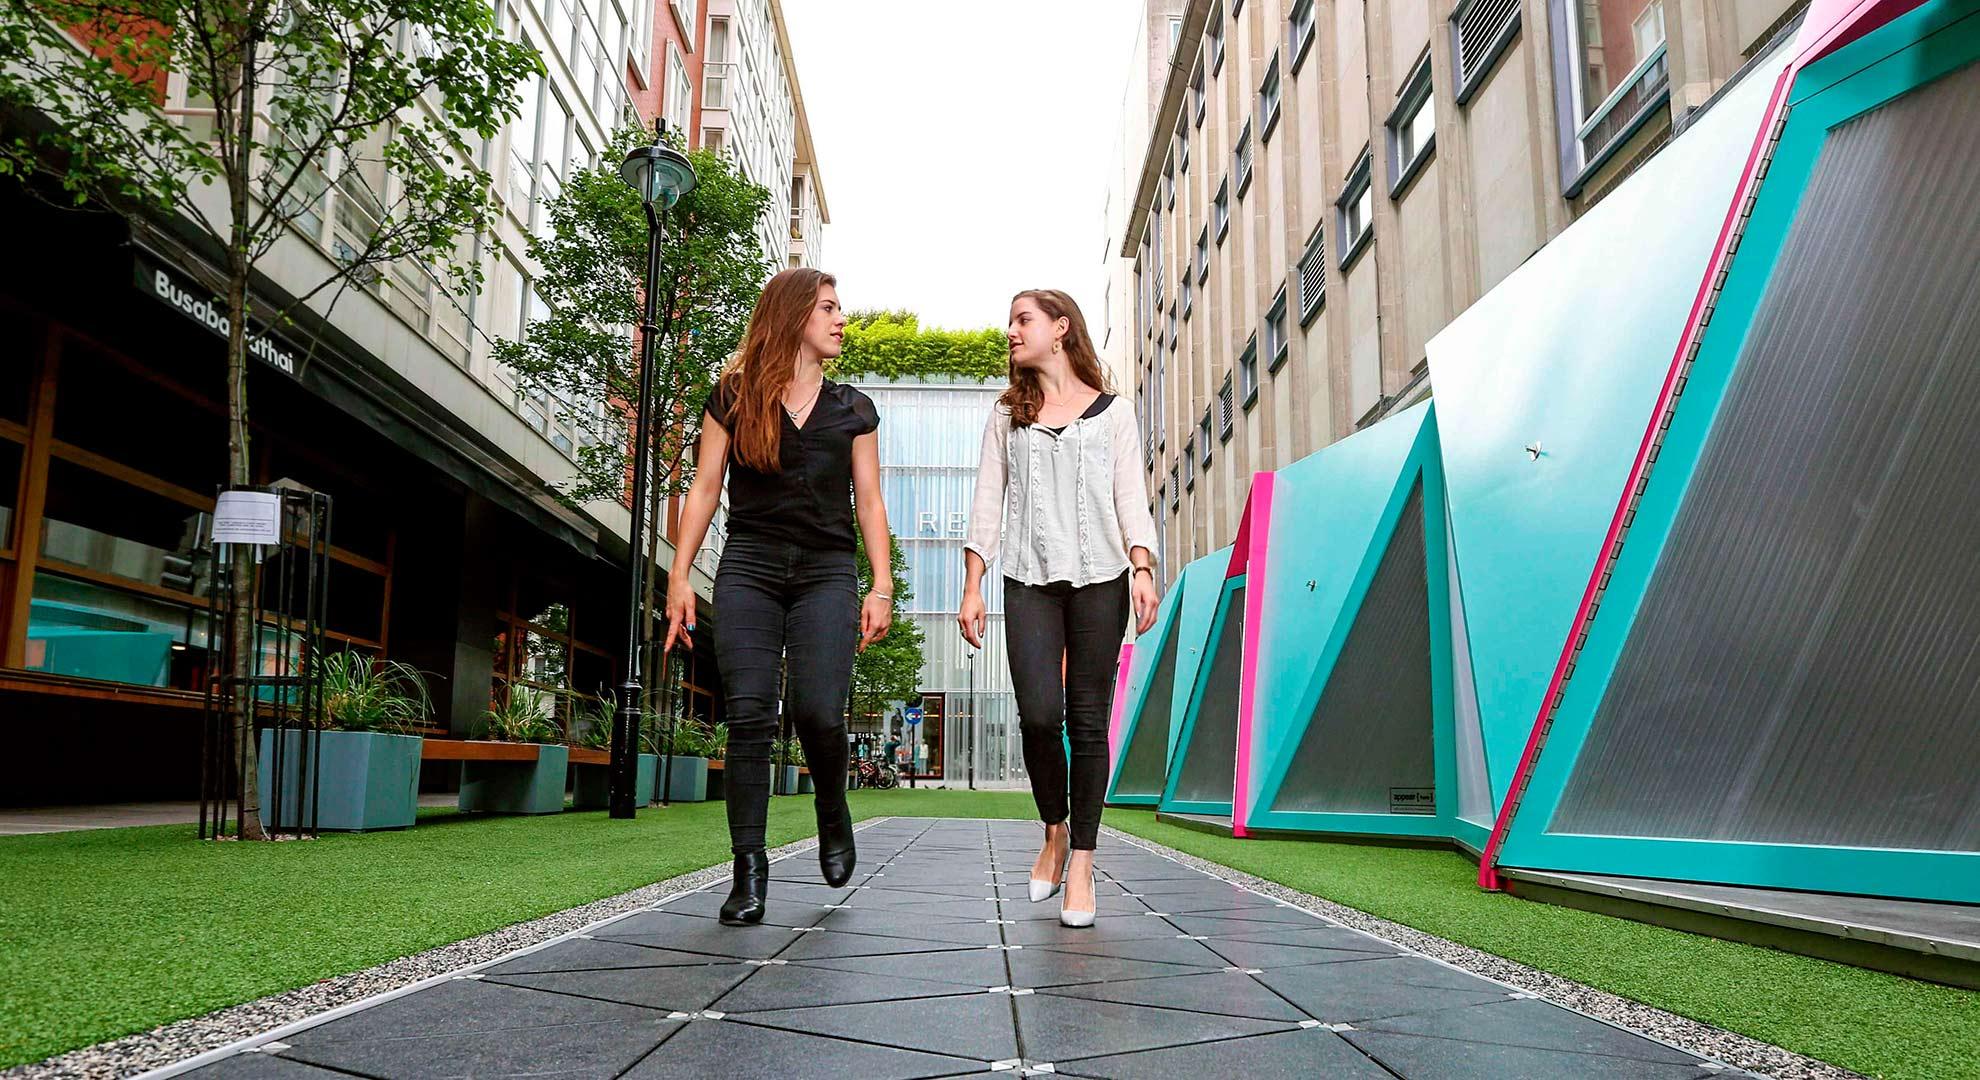 Cómo pueden ser creadas las energías cinéticas en nuestras ciudades.